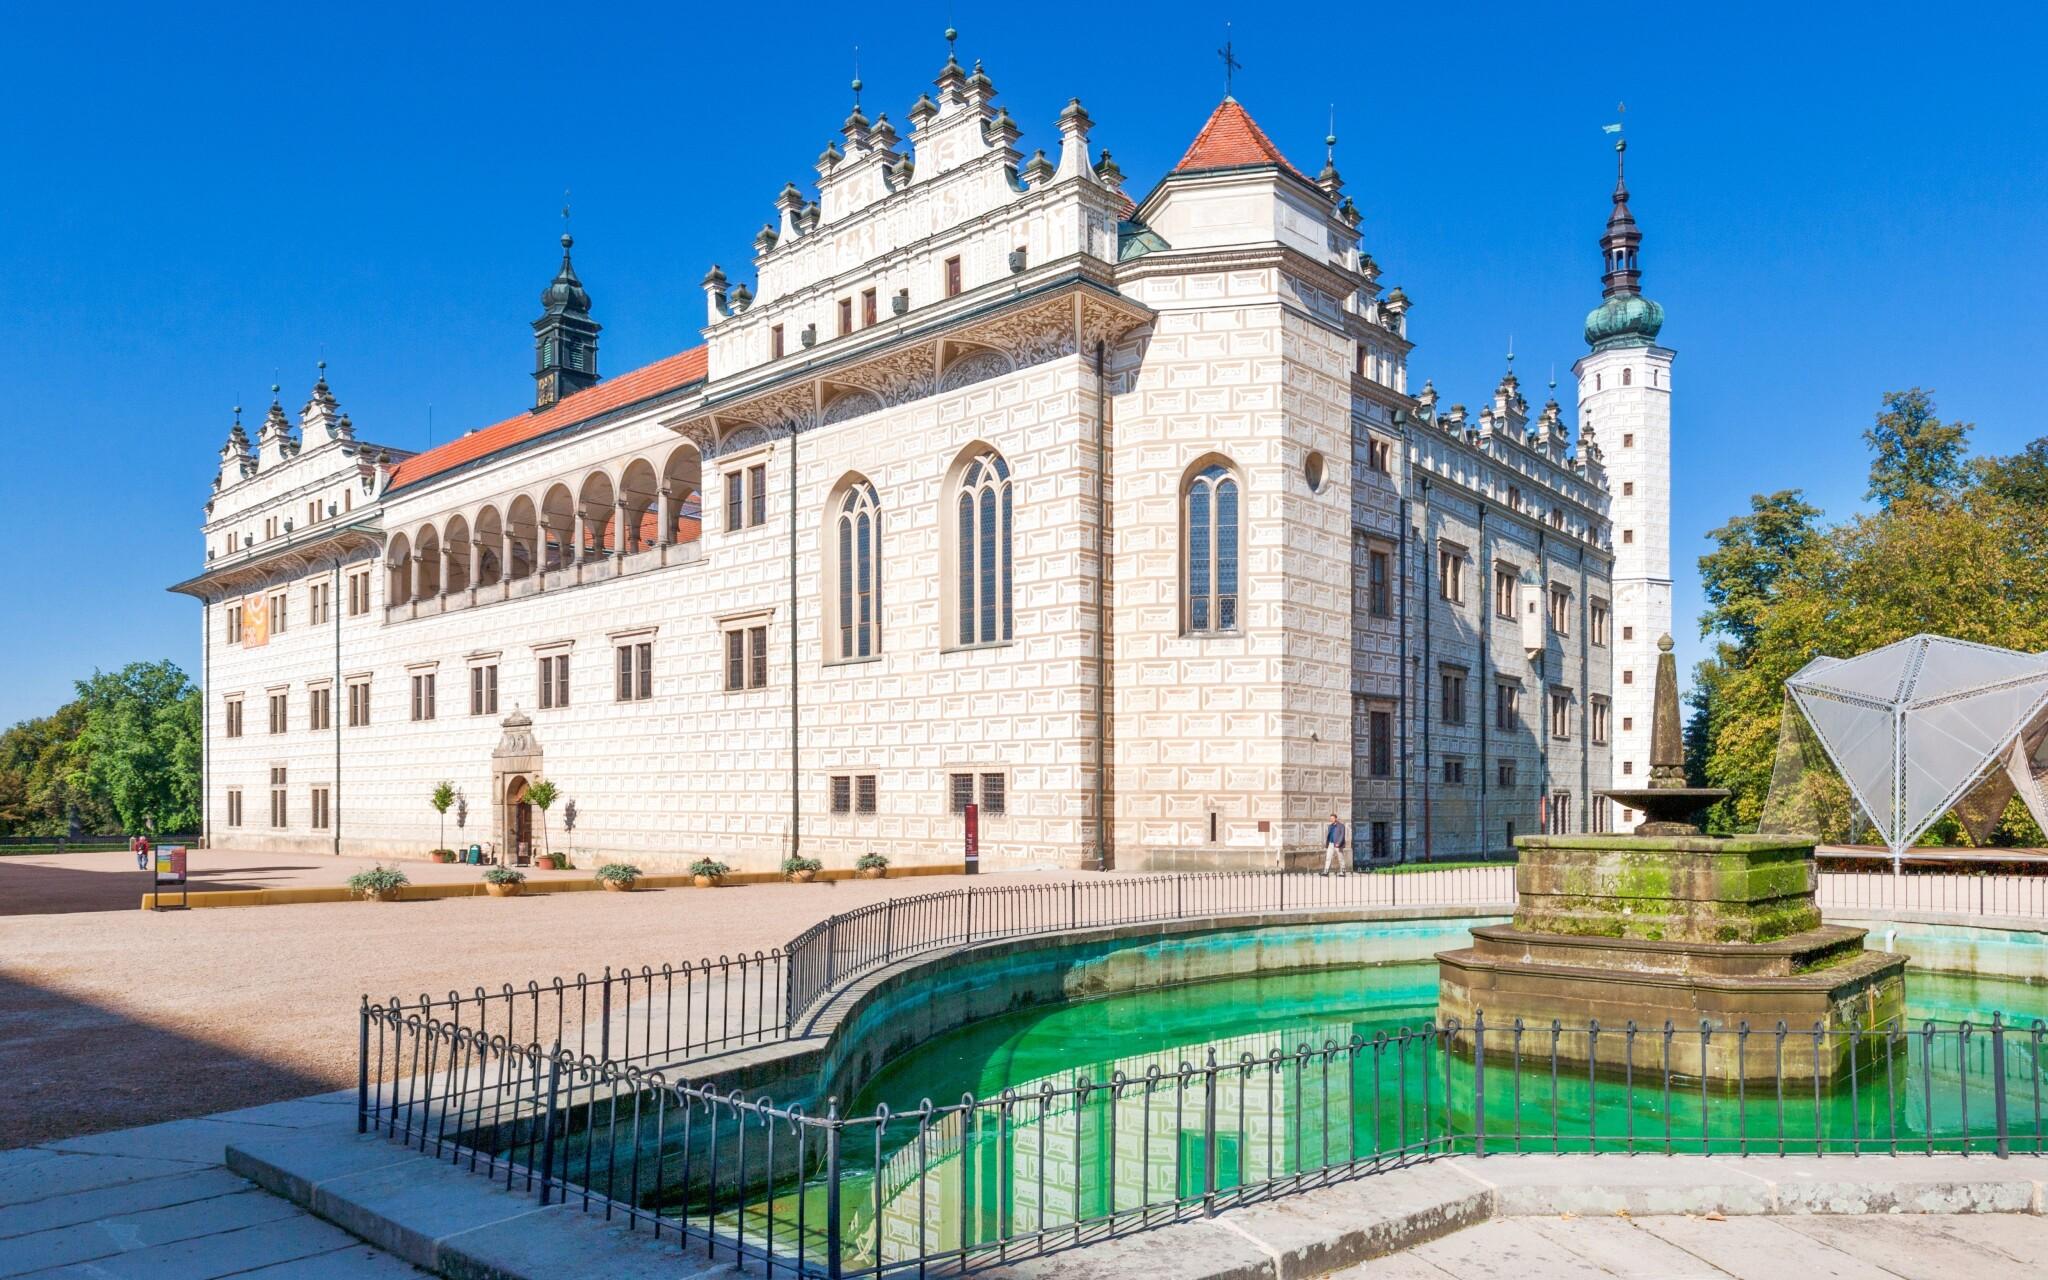 Navštívte rodisko Bedřicha Smetany, Litomyšl - UNESCO